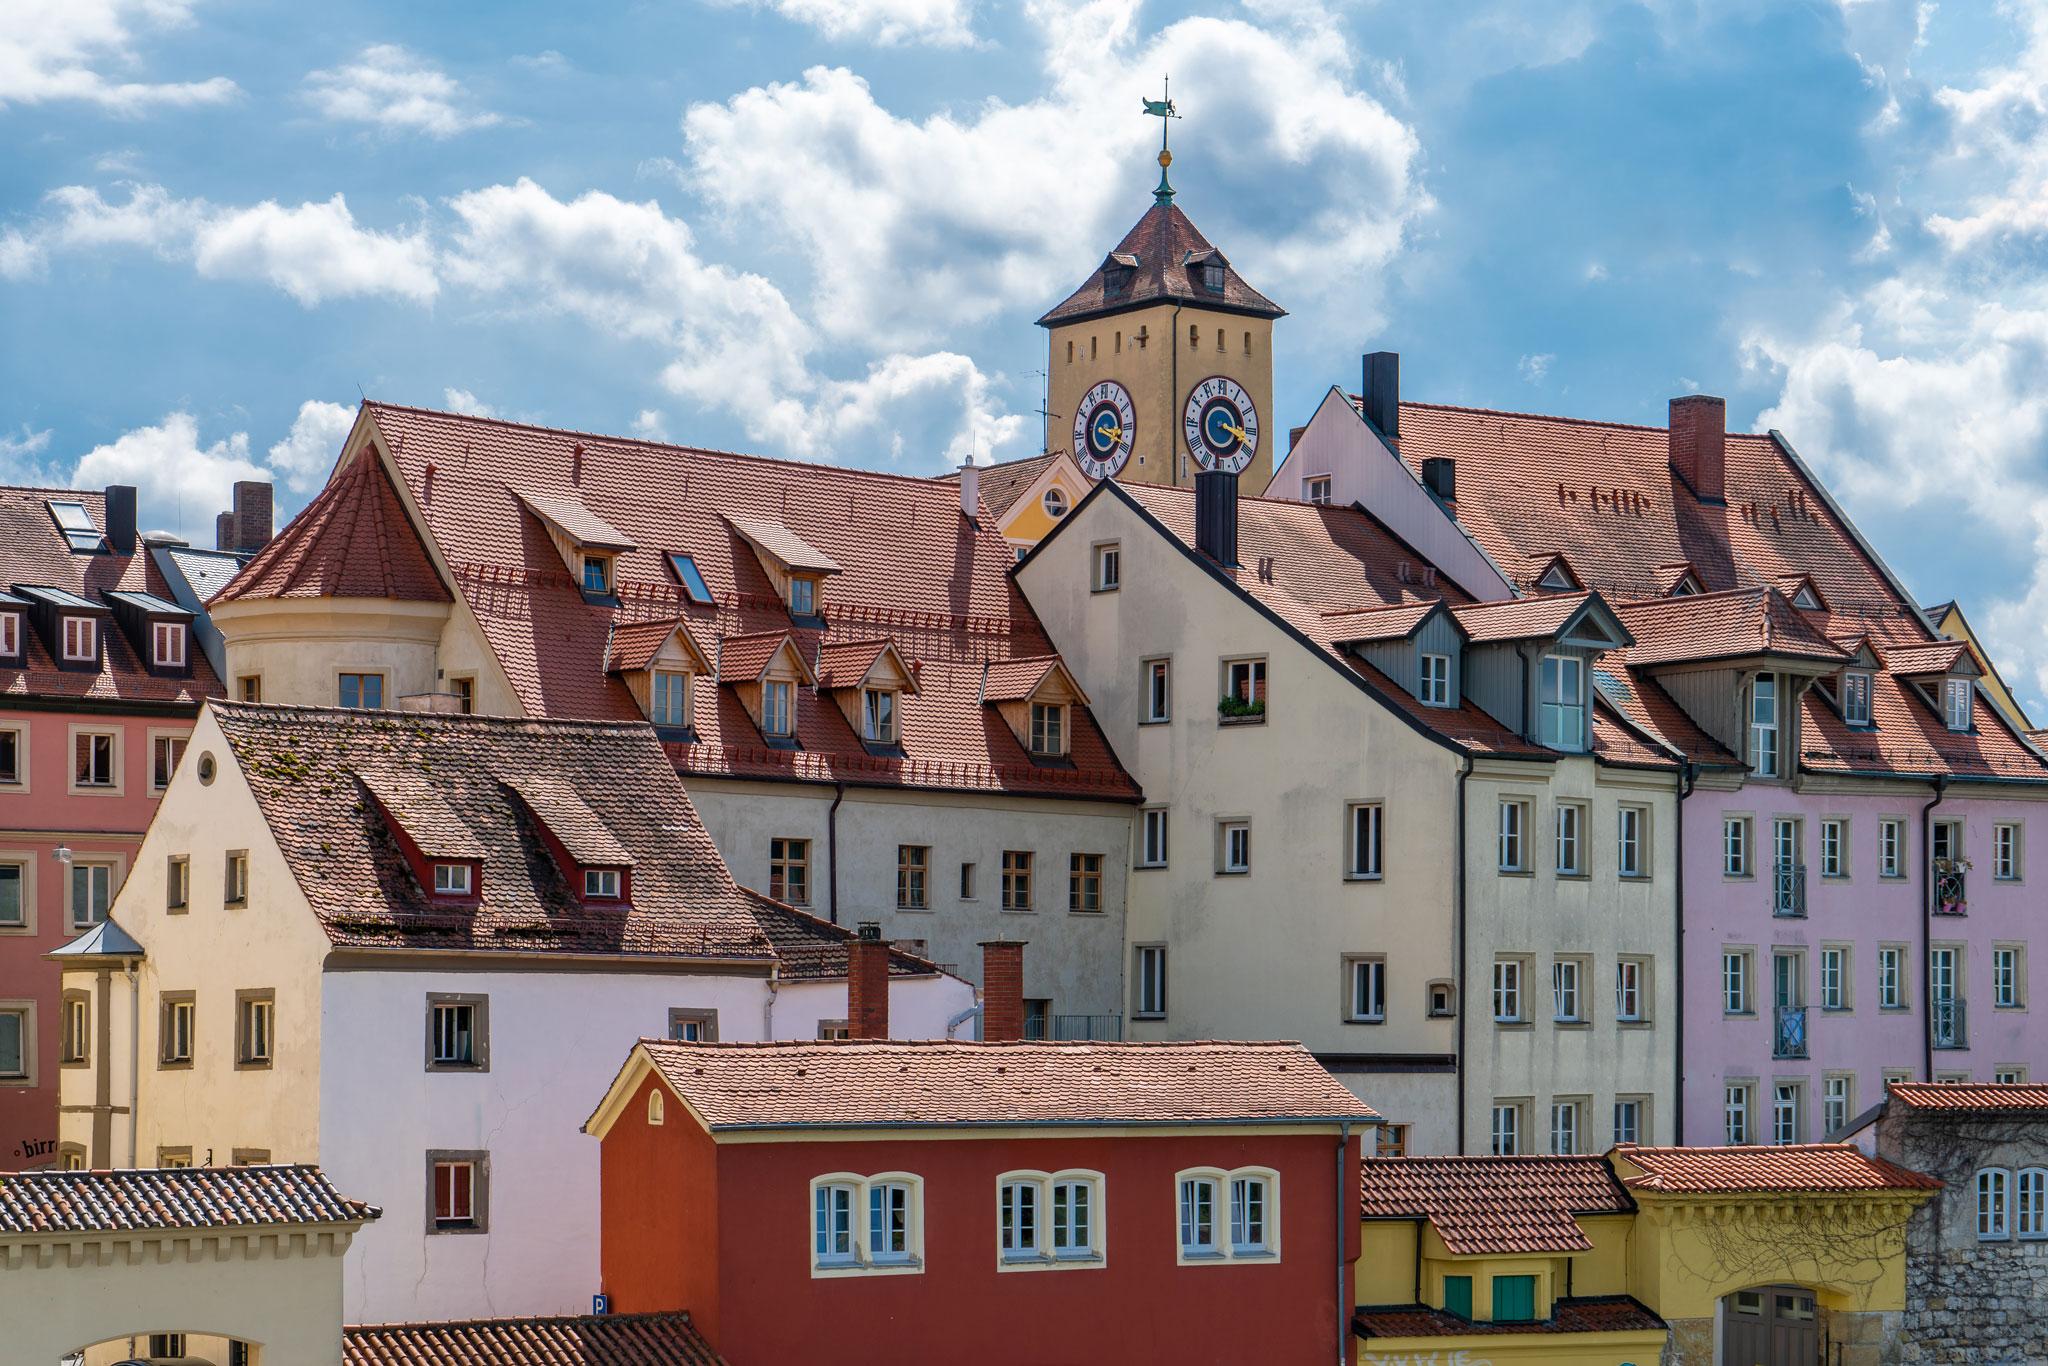 Malerisches Regensburg (Foto: Sandra Ilmberger)